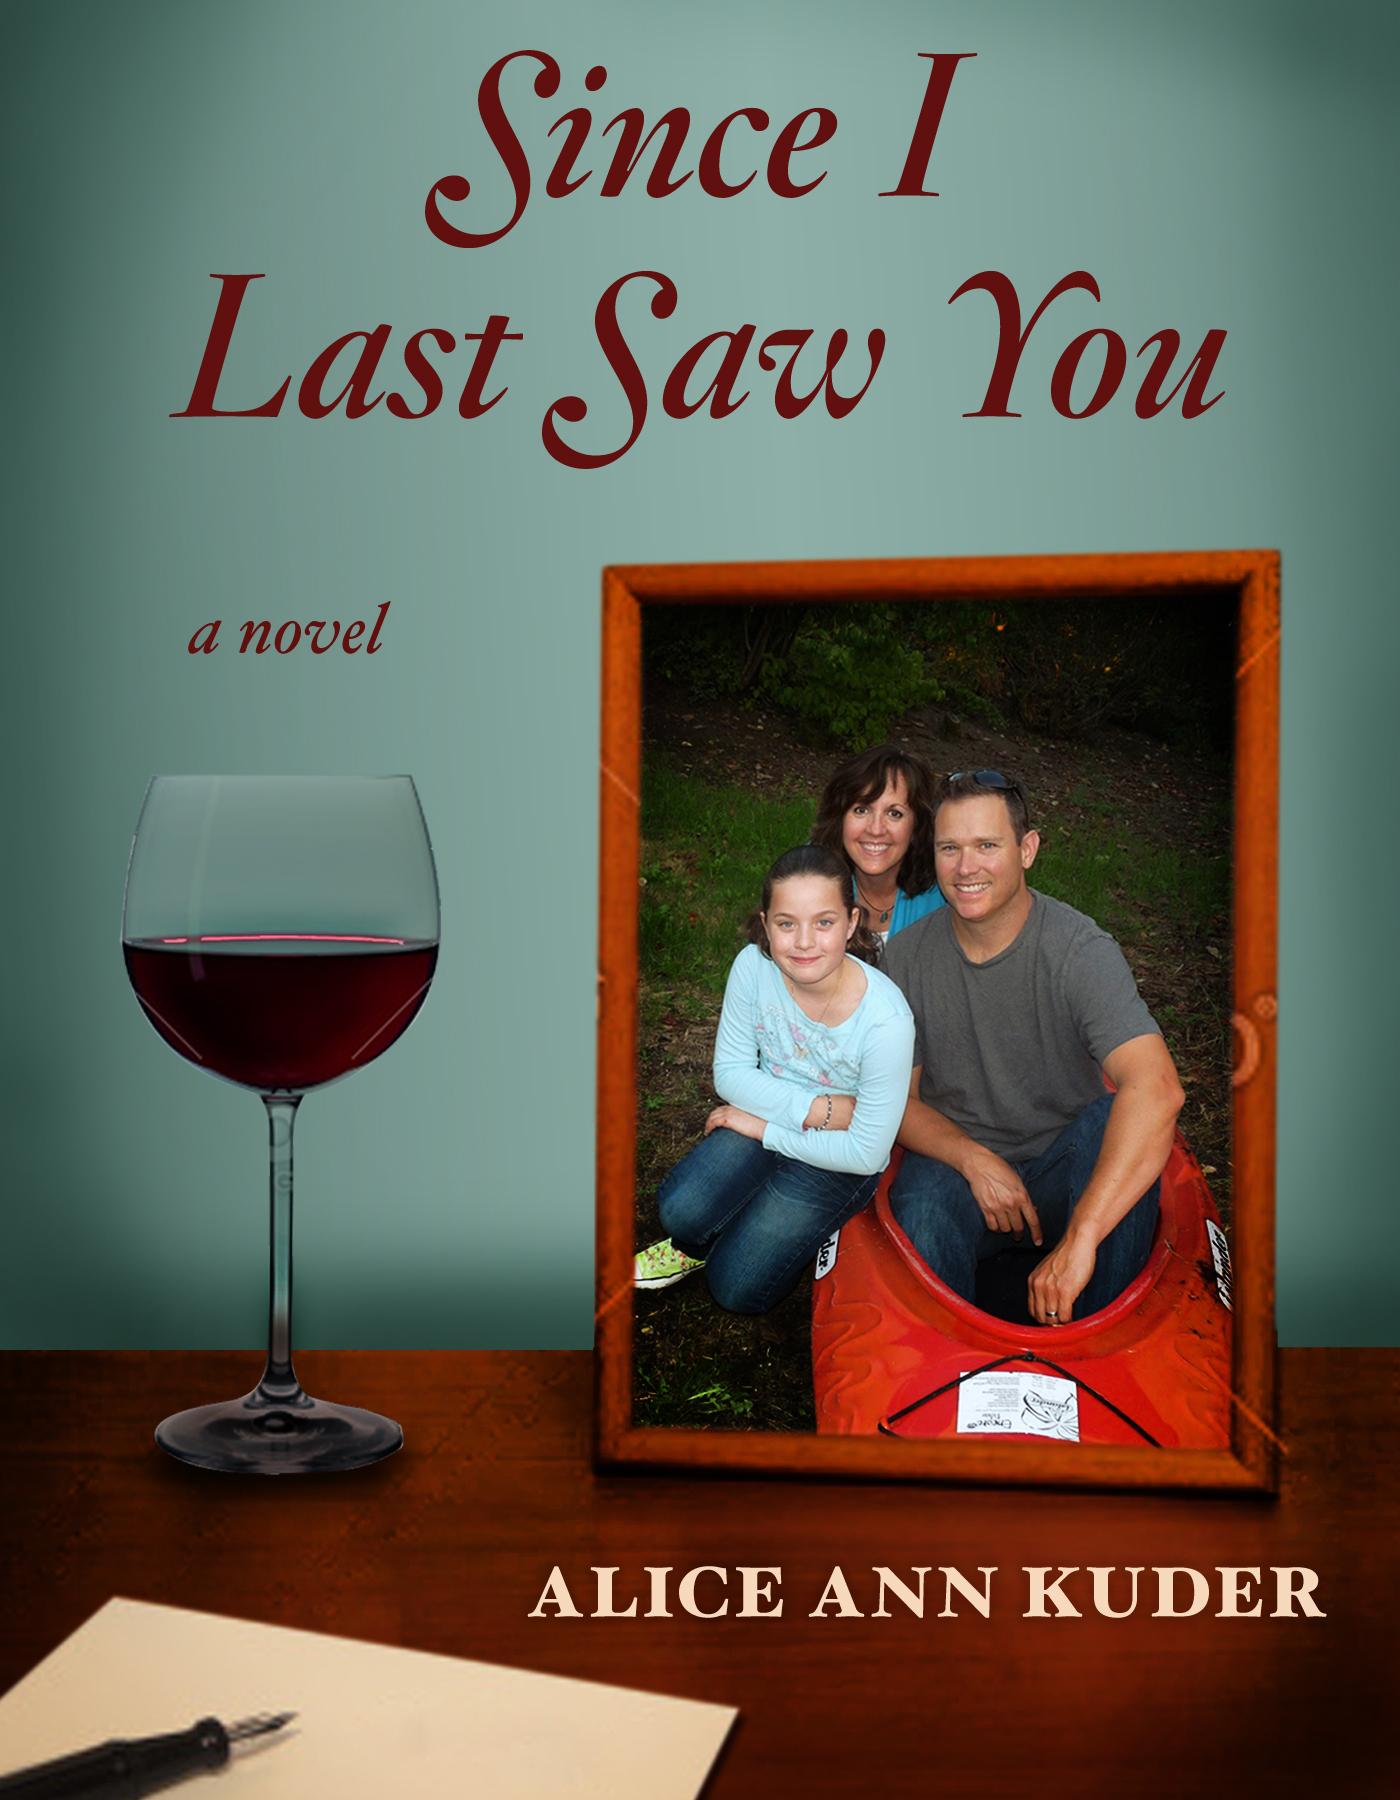 a novel by Alice Ann Kuder